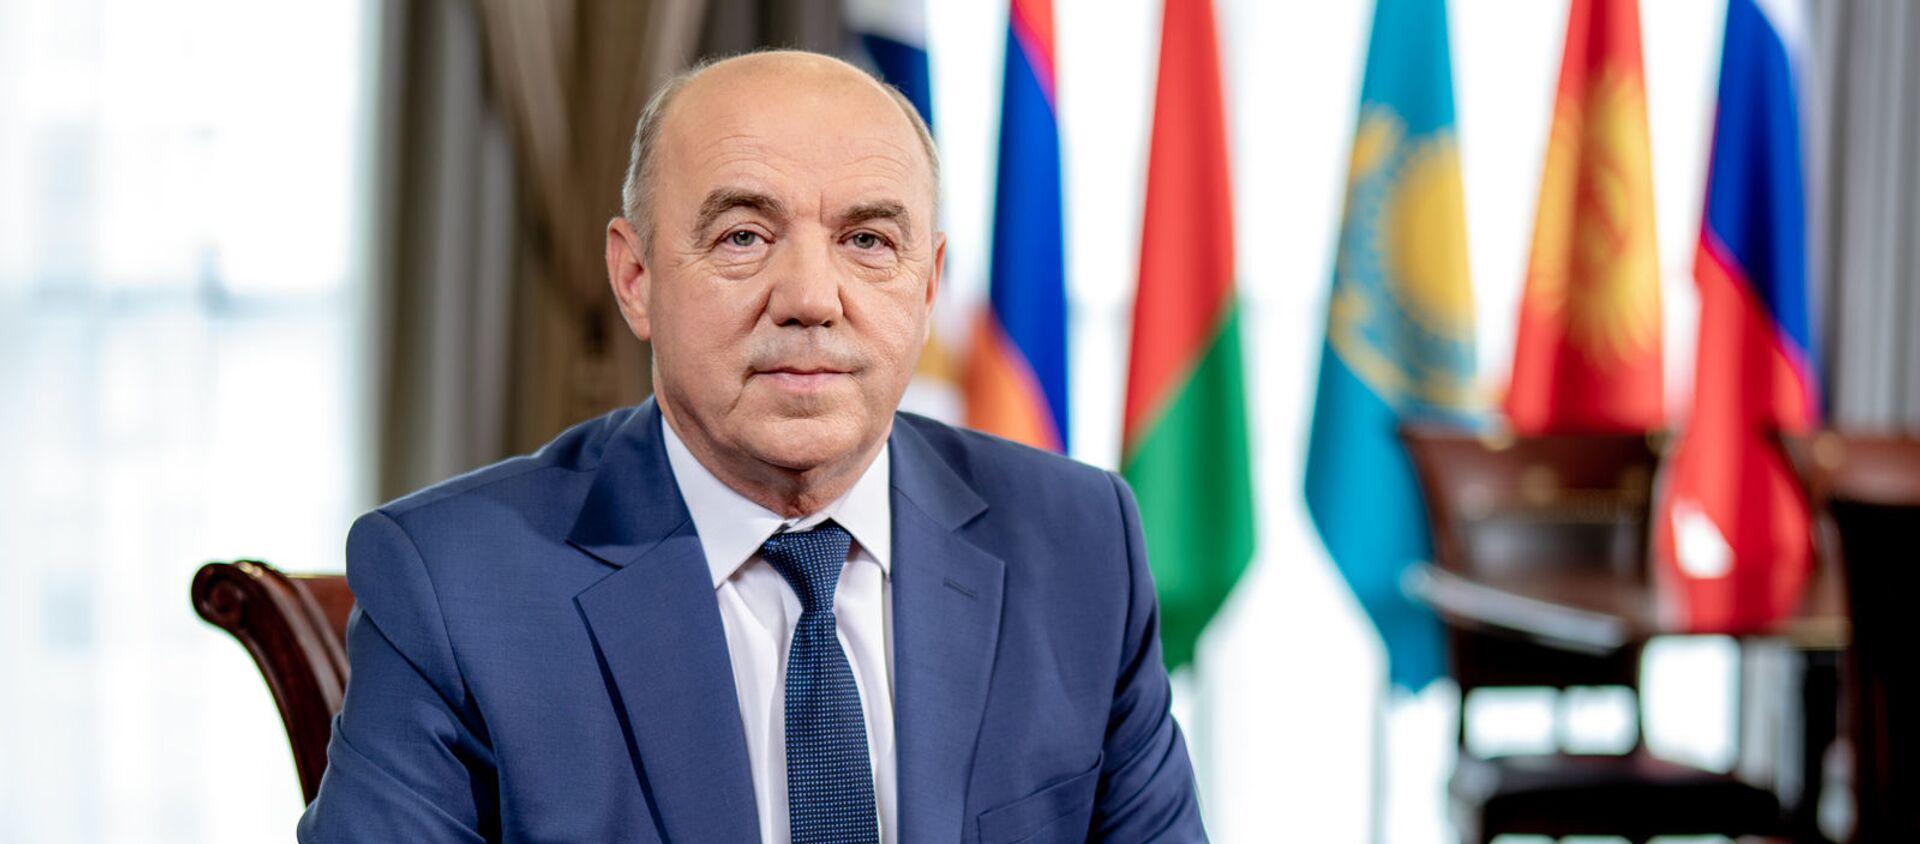 Какие новые стандарты безопасности планируют принять в ЕАЭС - Sputnik Беларусь, 1920, 28.05.2021